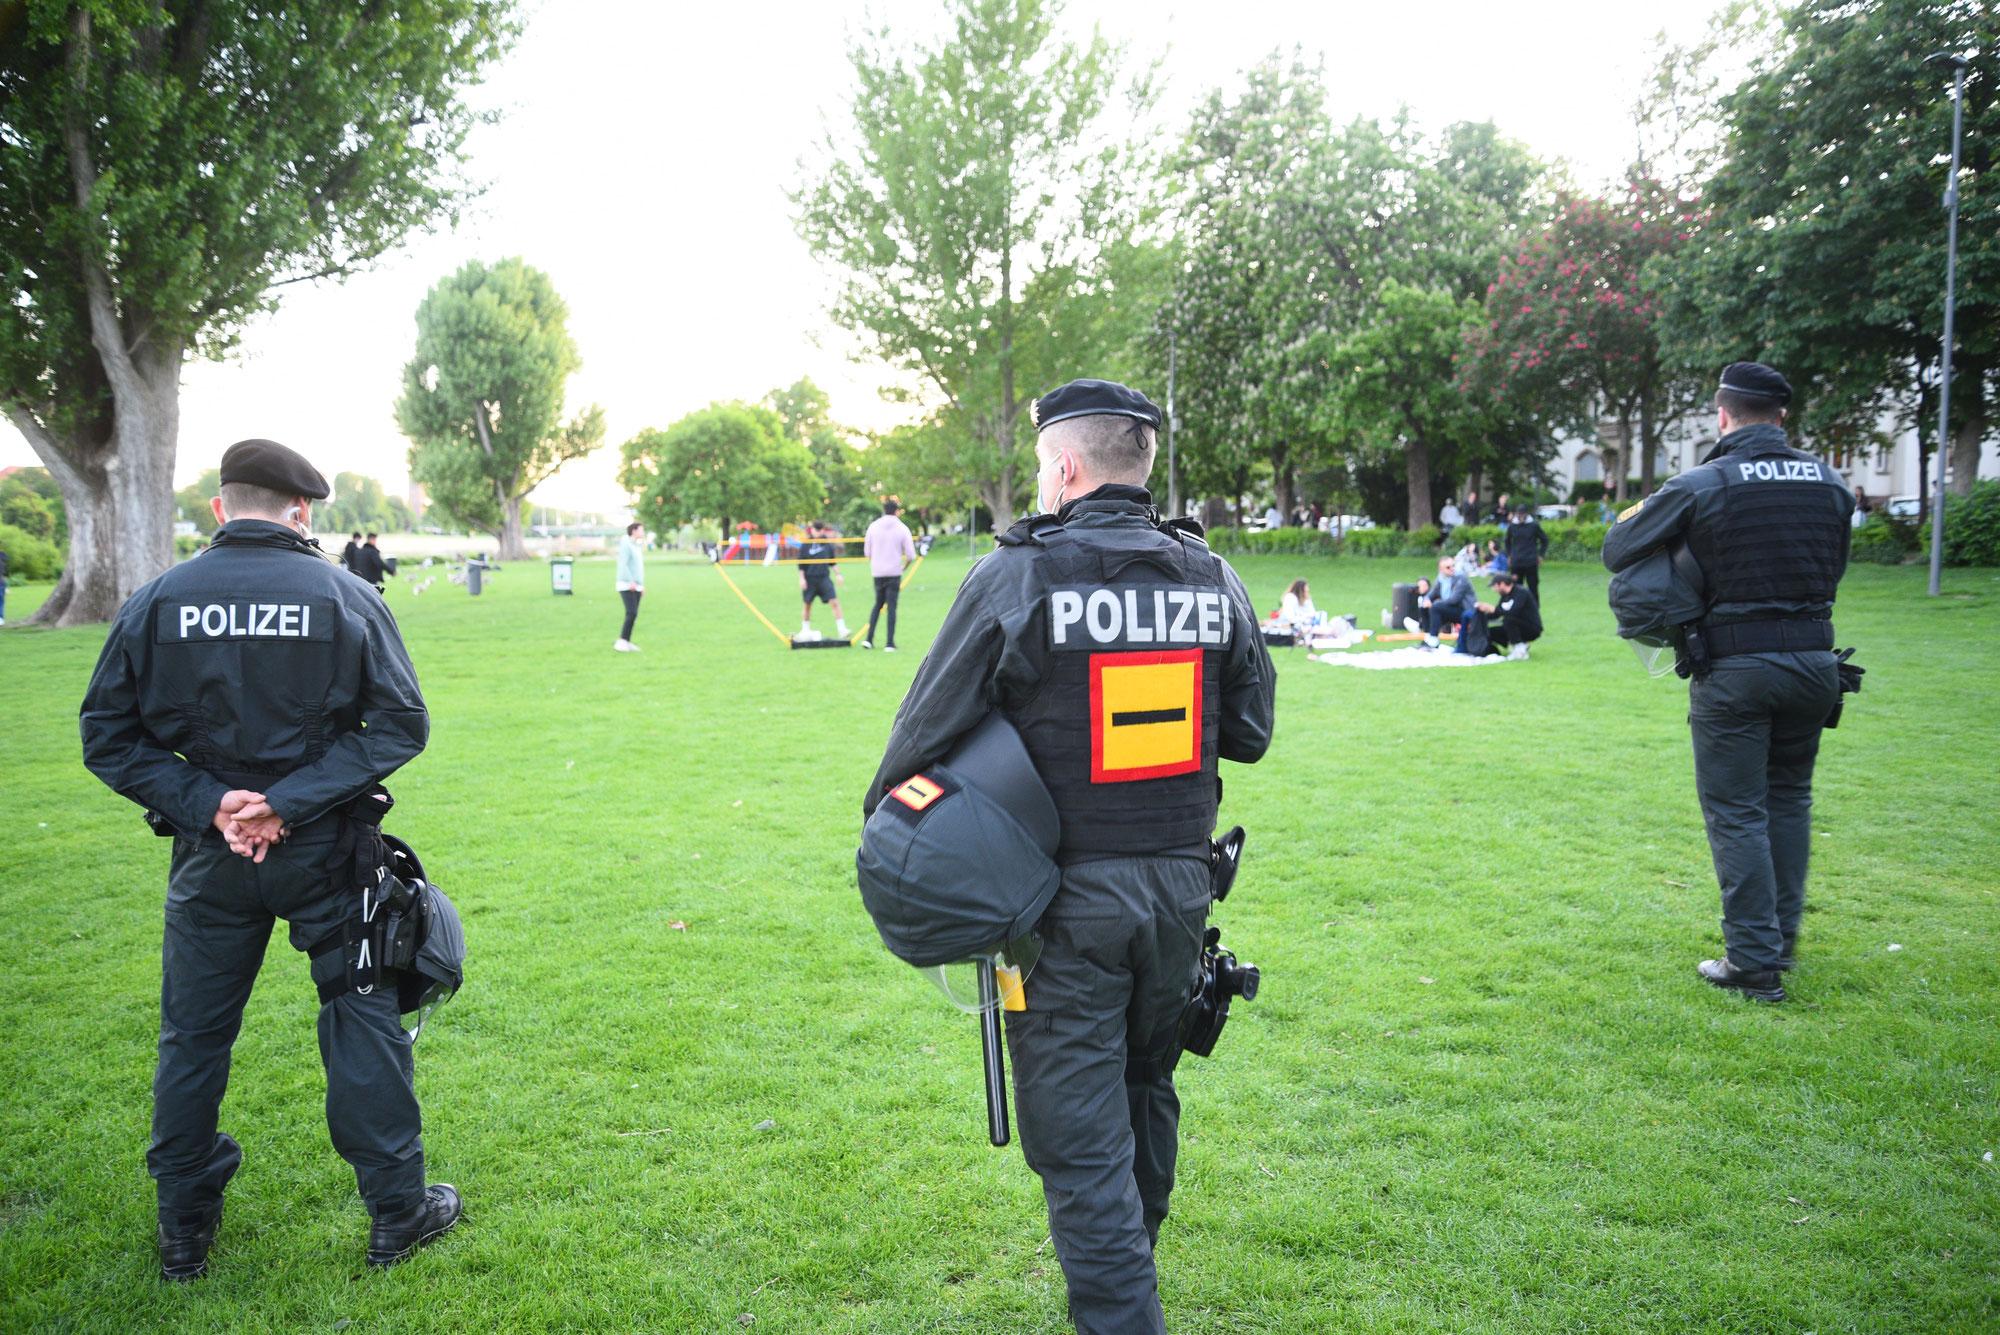 """Mannheim/ Heidelberg/ Rhein-Neckar-Kreis: """"Brennpunkte Sommer 2021"""" - Neues polizeiliches Konzept für mehr Sicherheit im öffentlichen Raum"""